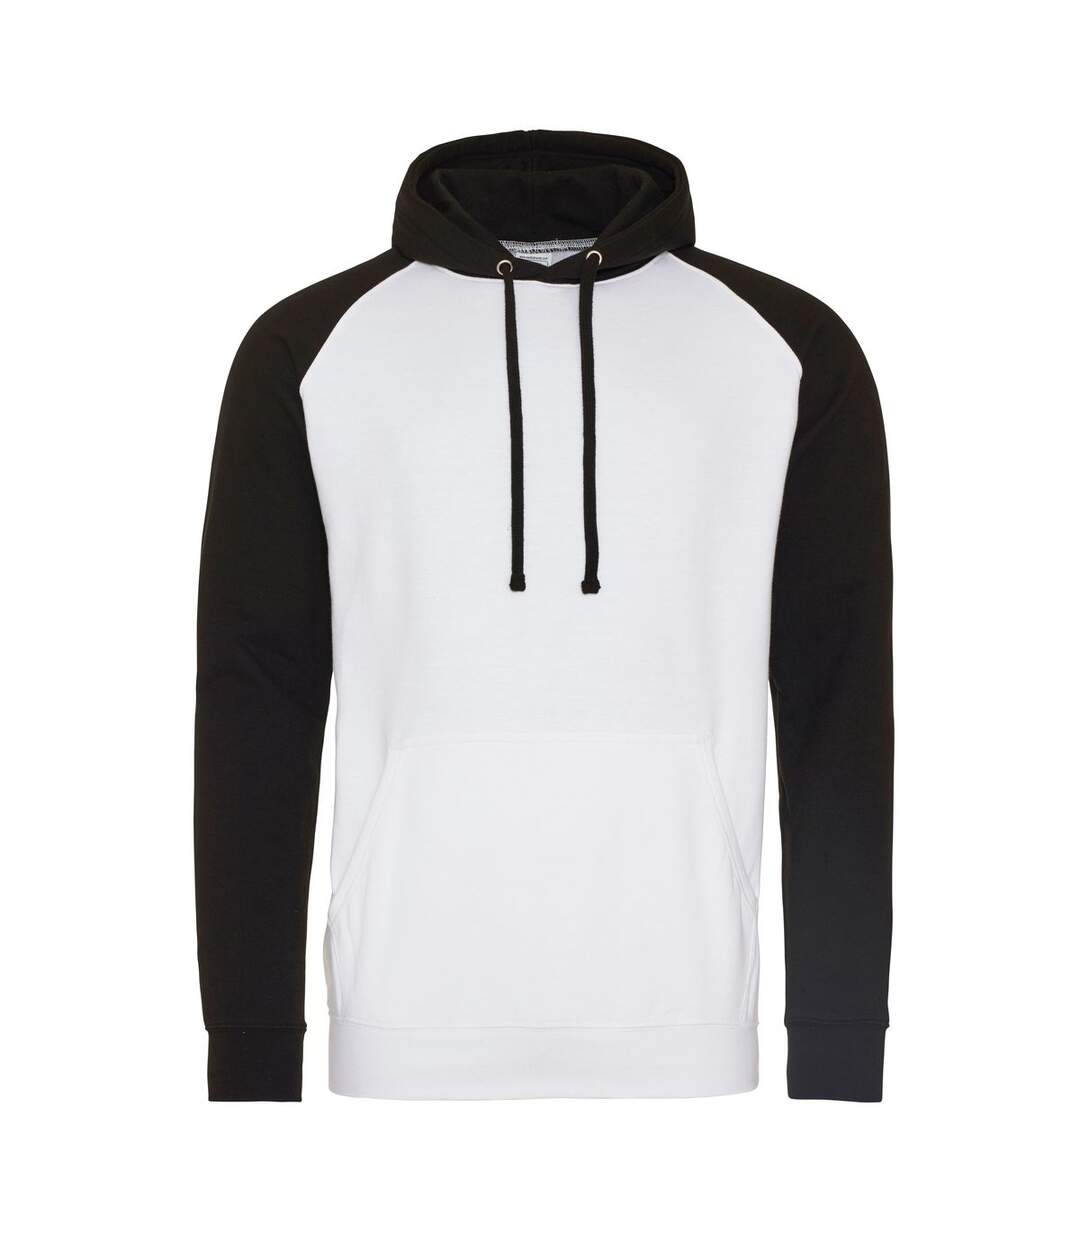 Sweat à capuche contrastée - homme - JH009 - blanc